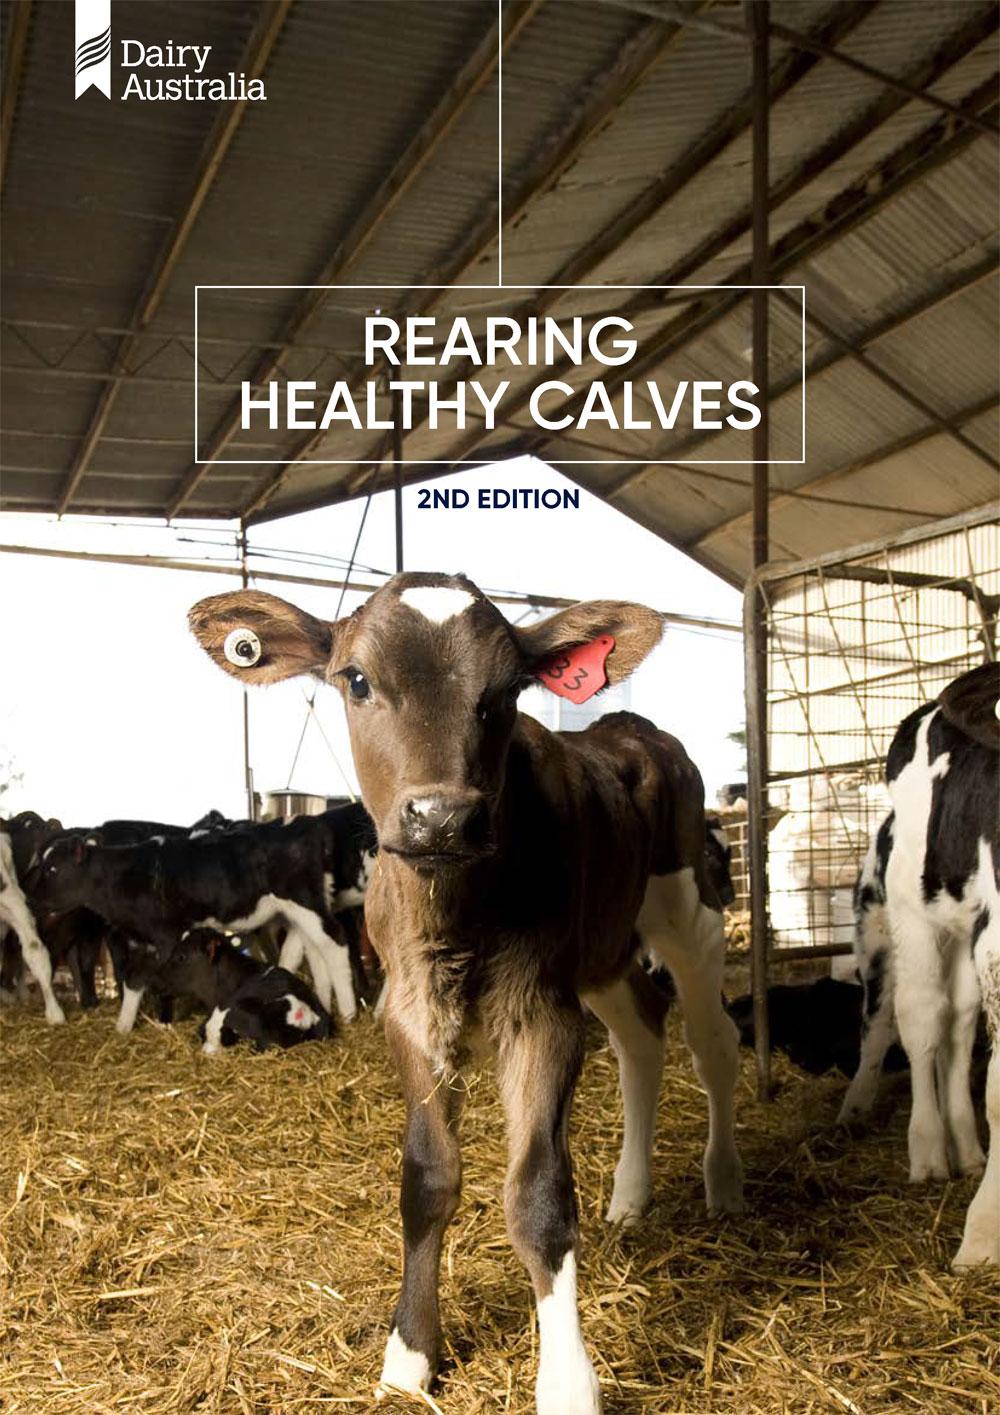 Rearing Healthy Calves